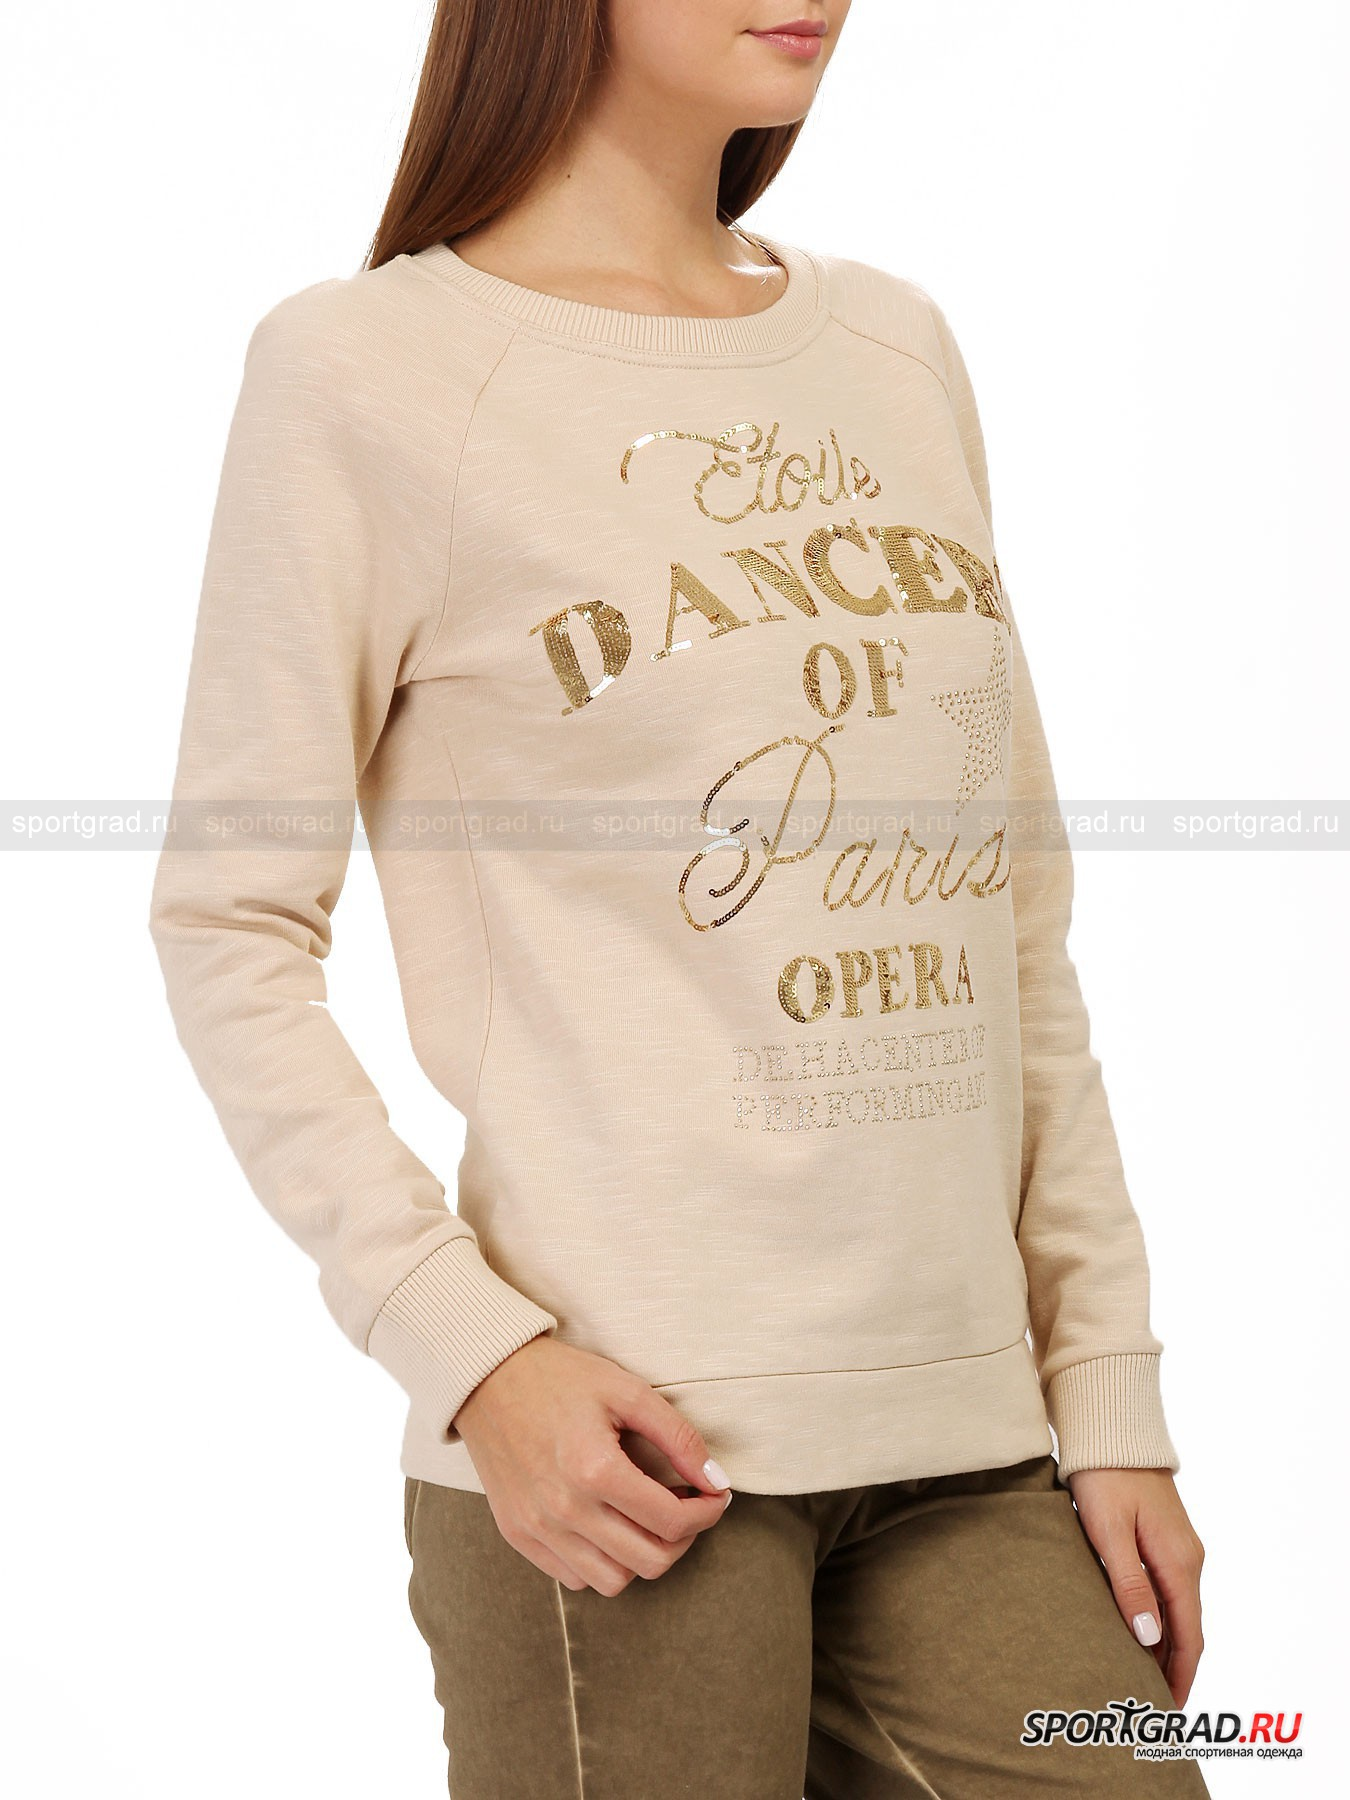 Толстовка женская с аппликацией из пайеток Sweatshirt DEHA от Спортград